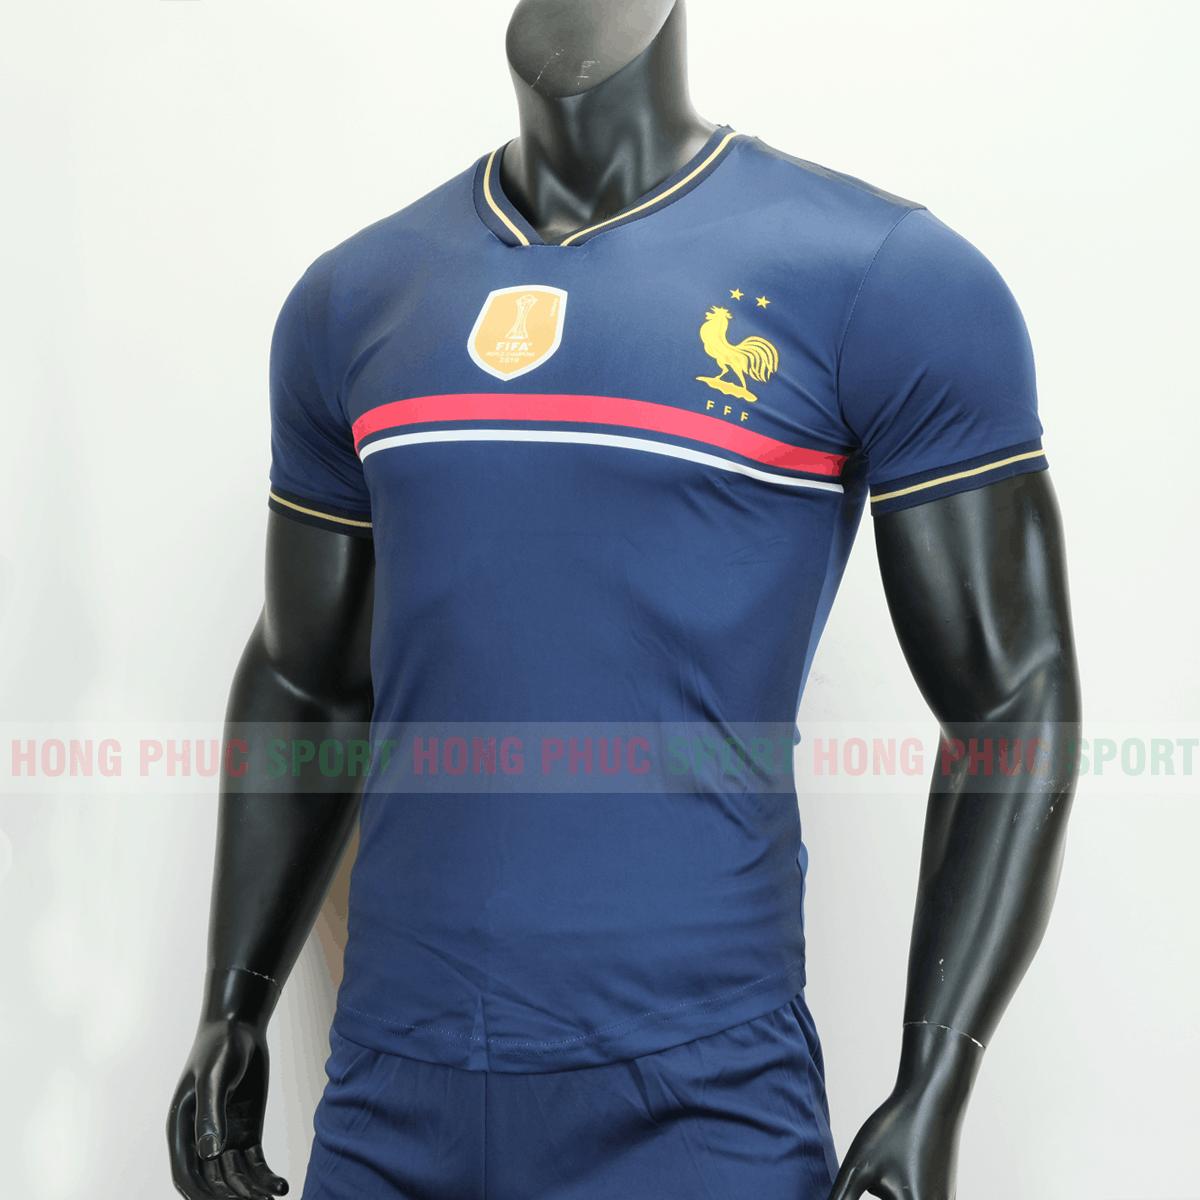 Áo đá bóng đội tuyển quốc gia Pháp 2019 màu tím than